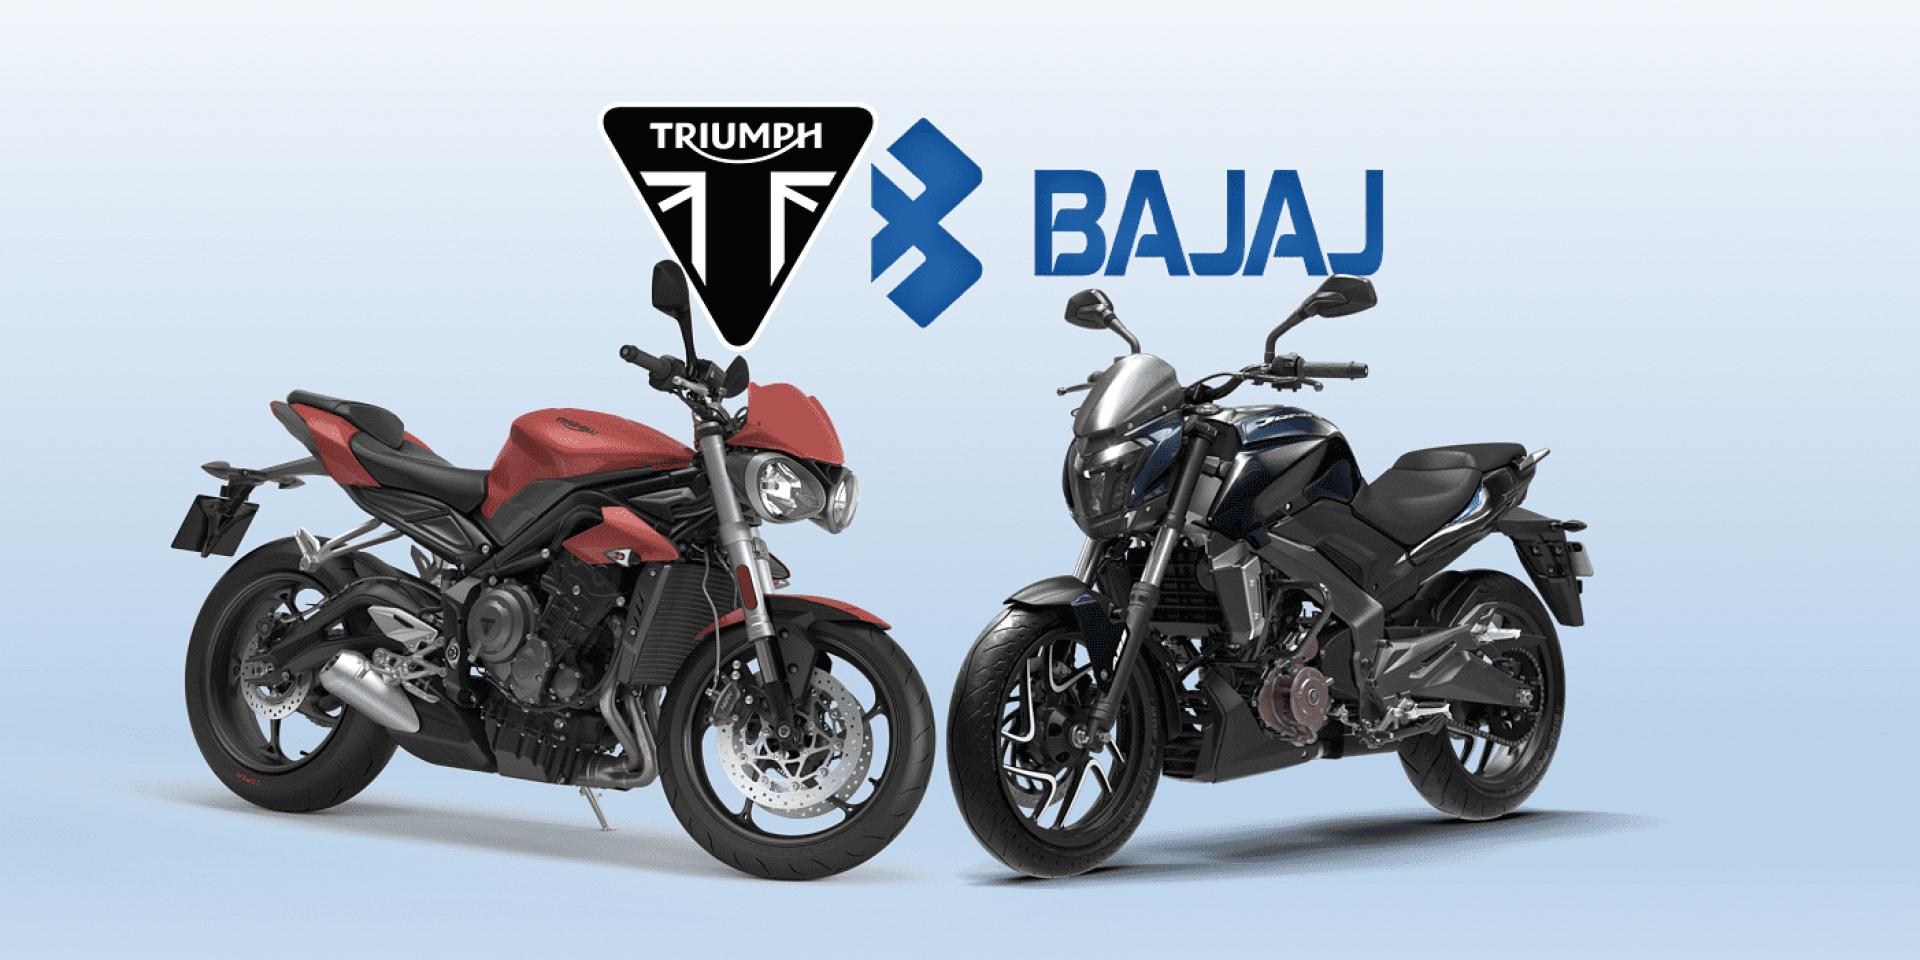 疫情衝擊,TRIUMPH-Bajaj合作車款推遲至2023年發表!